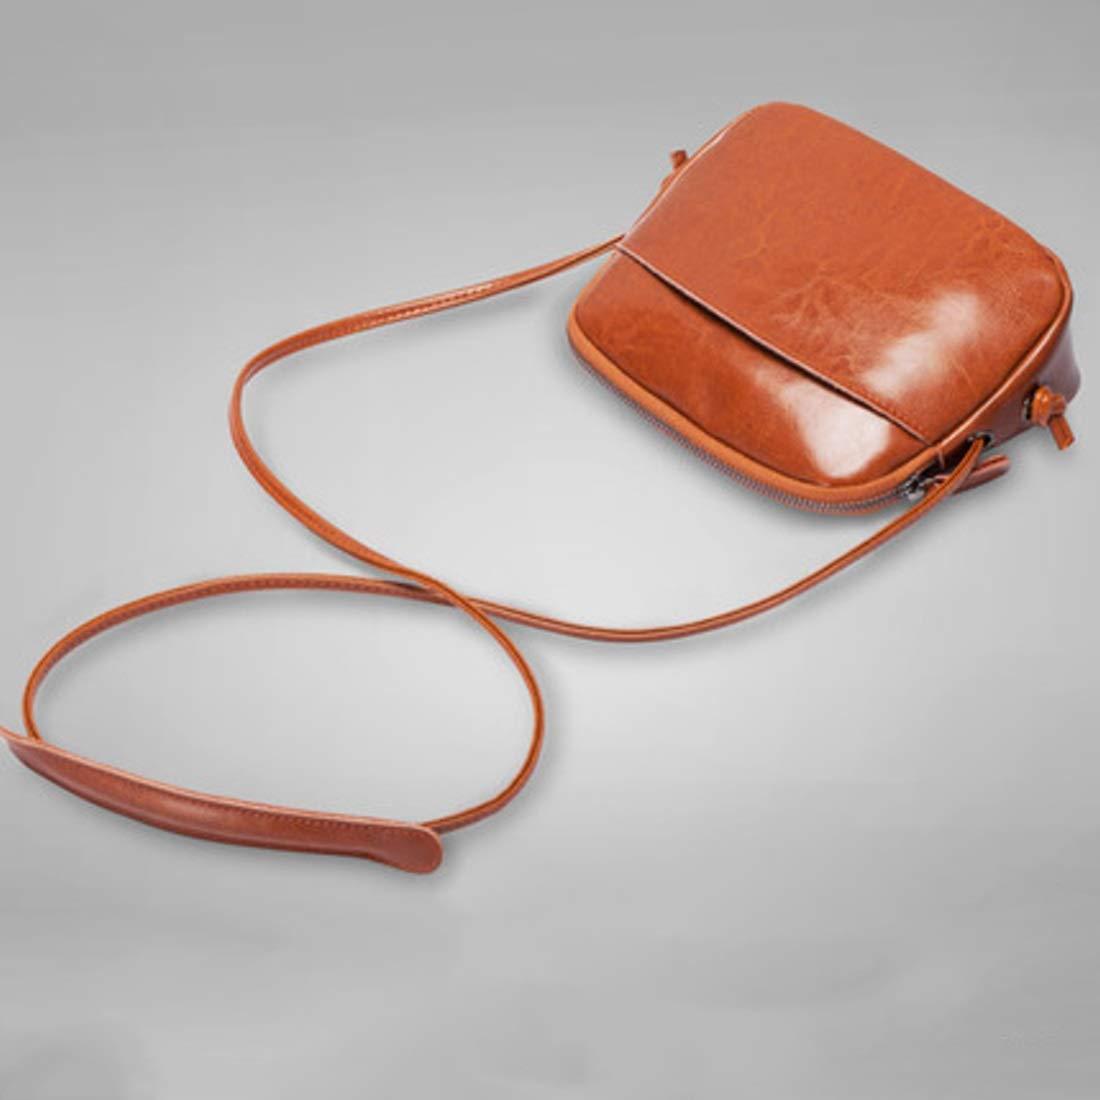 ArotOVL Damen Shell Bag Satchel Handtaschen Nachricht Tasche Umhängetasche Tote Tote Tote Geldbörse (Farbe   braun) B07PP2RDQW Schultertaschen Fairer Preis eae539